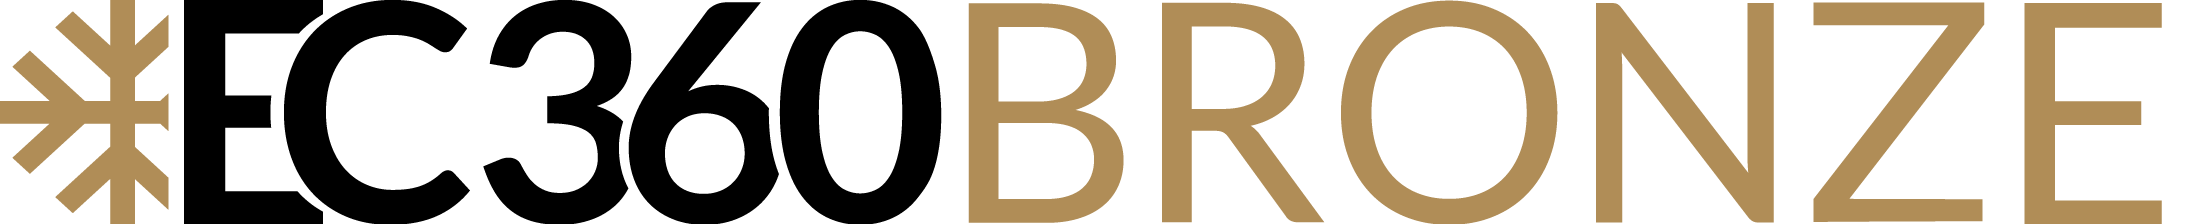 EC360® BRONZE Logo